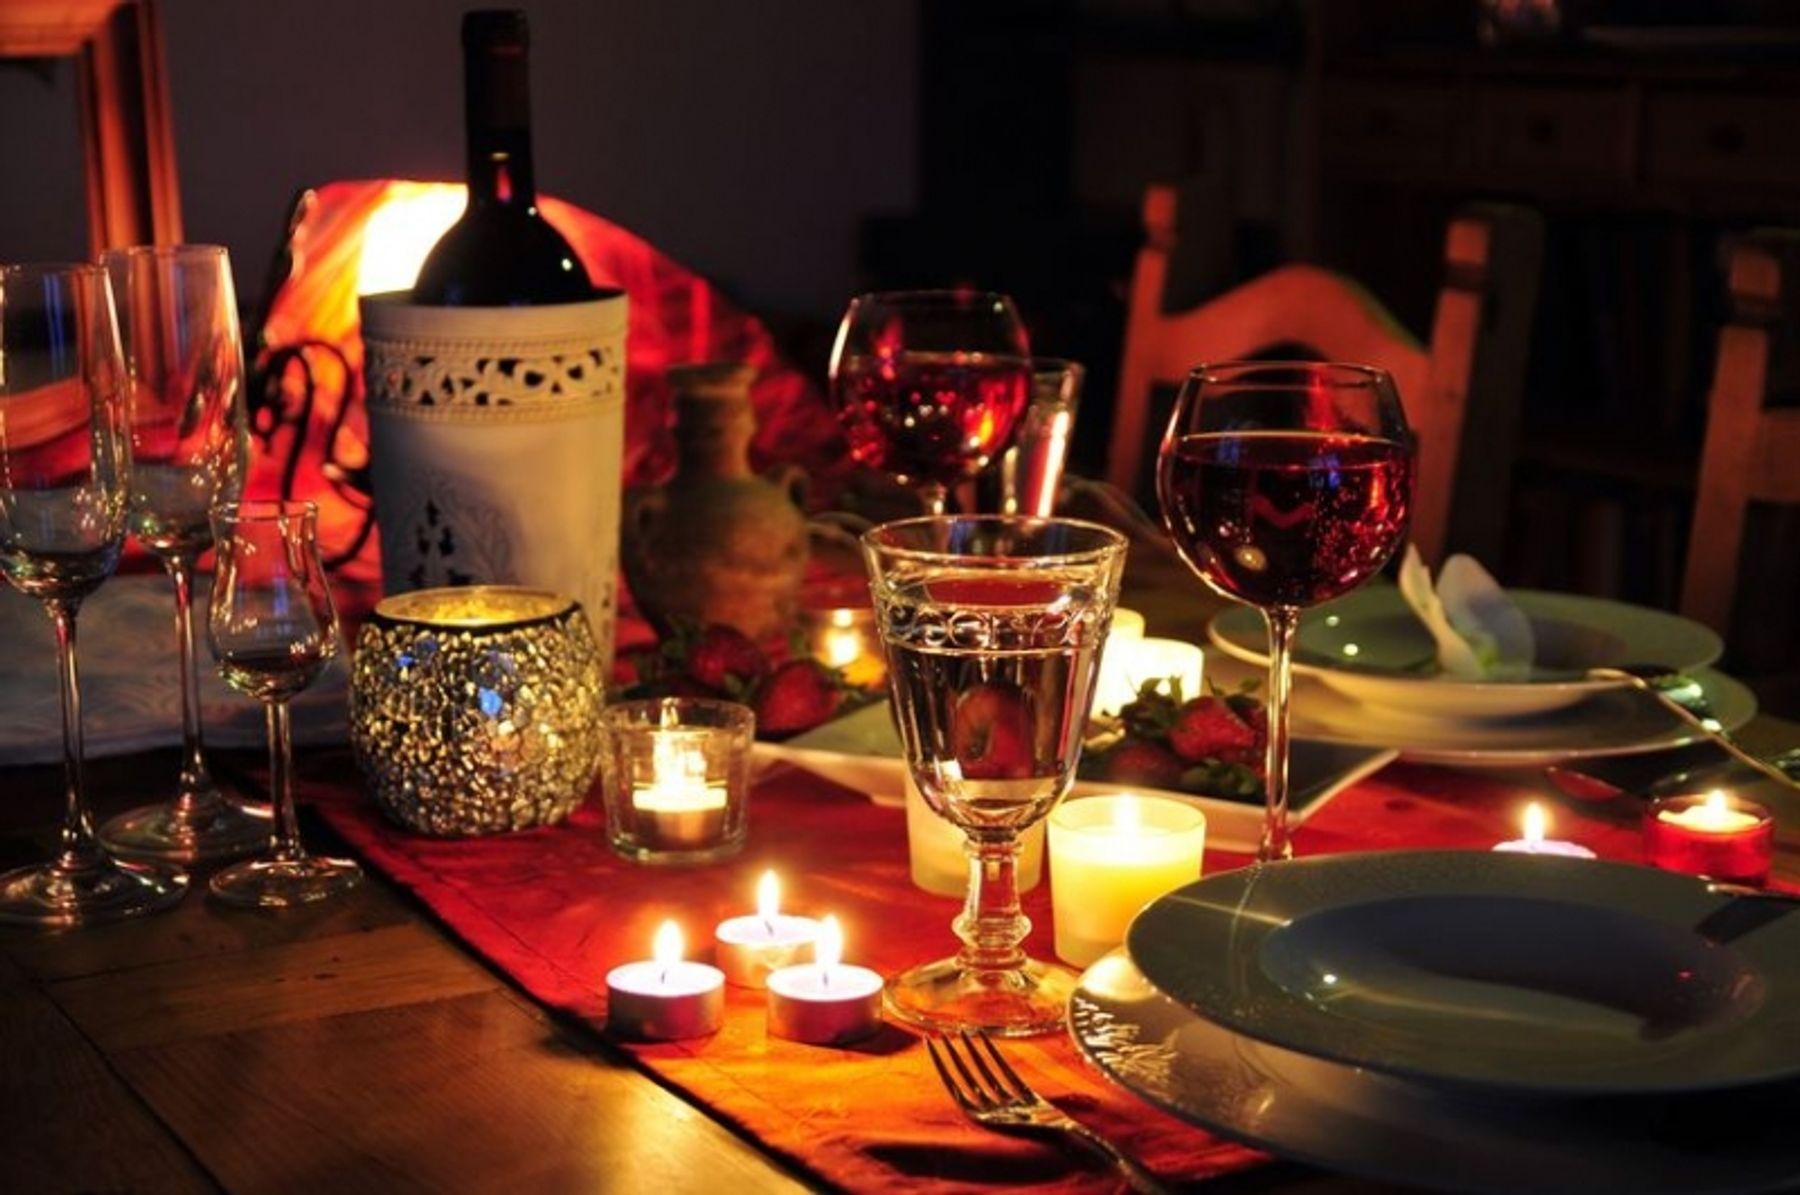 Bữa tối do chính tay bạn chuẩn bị